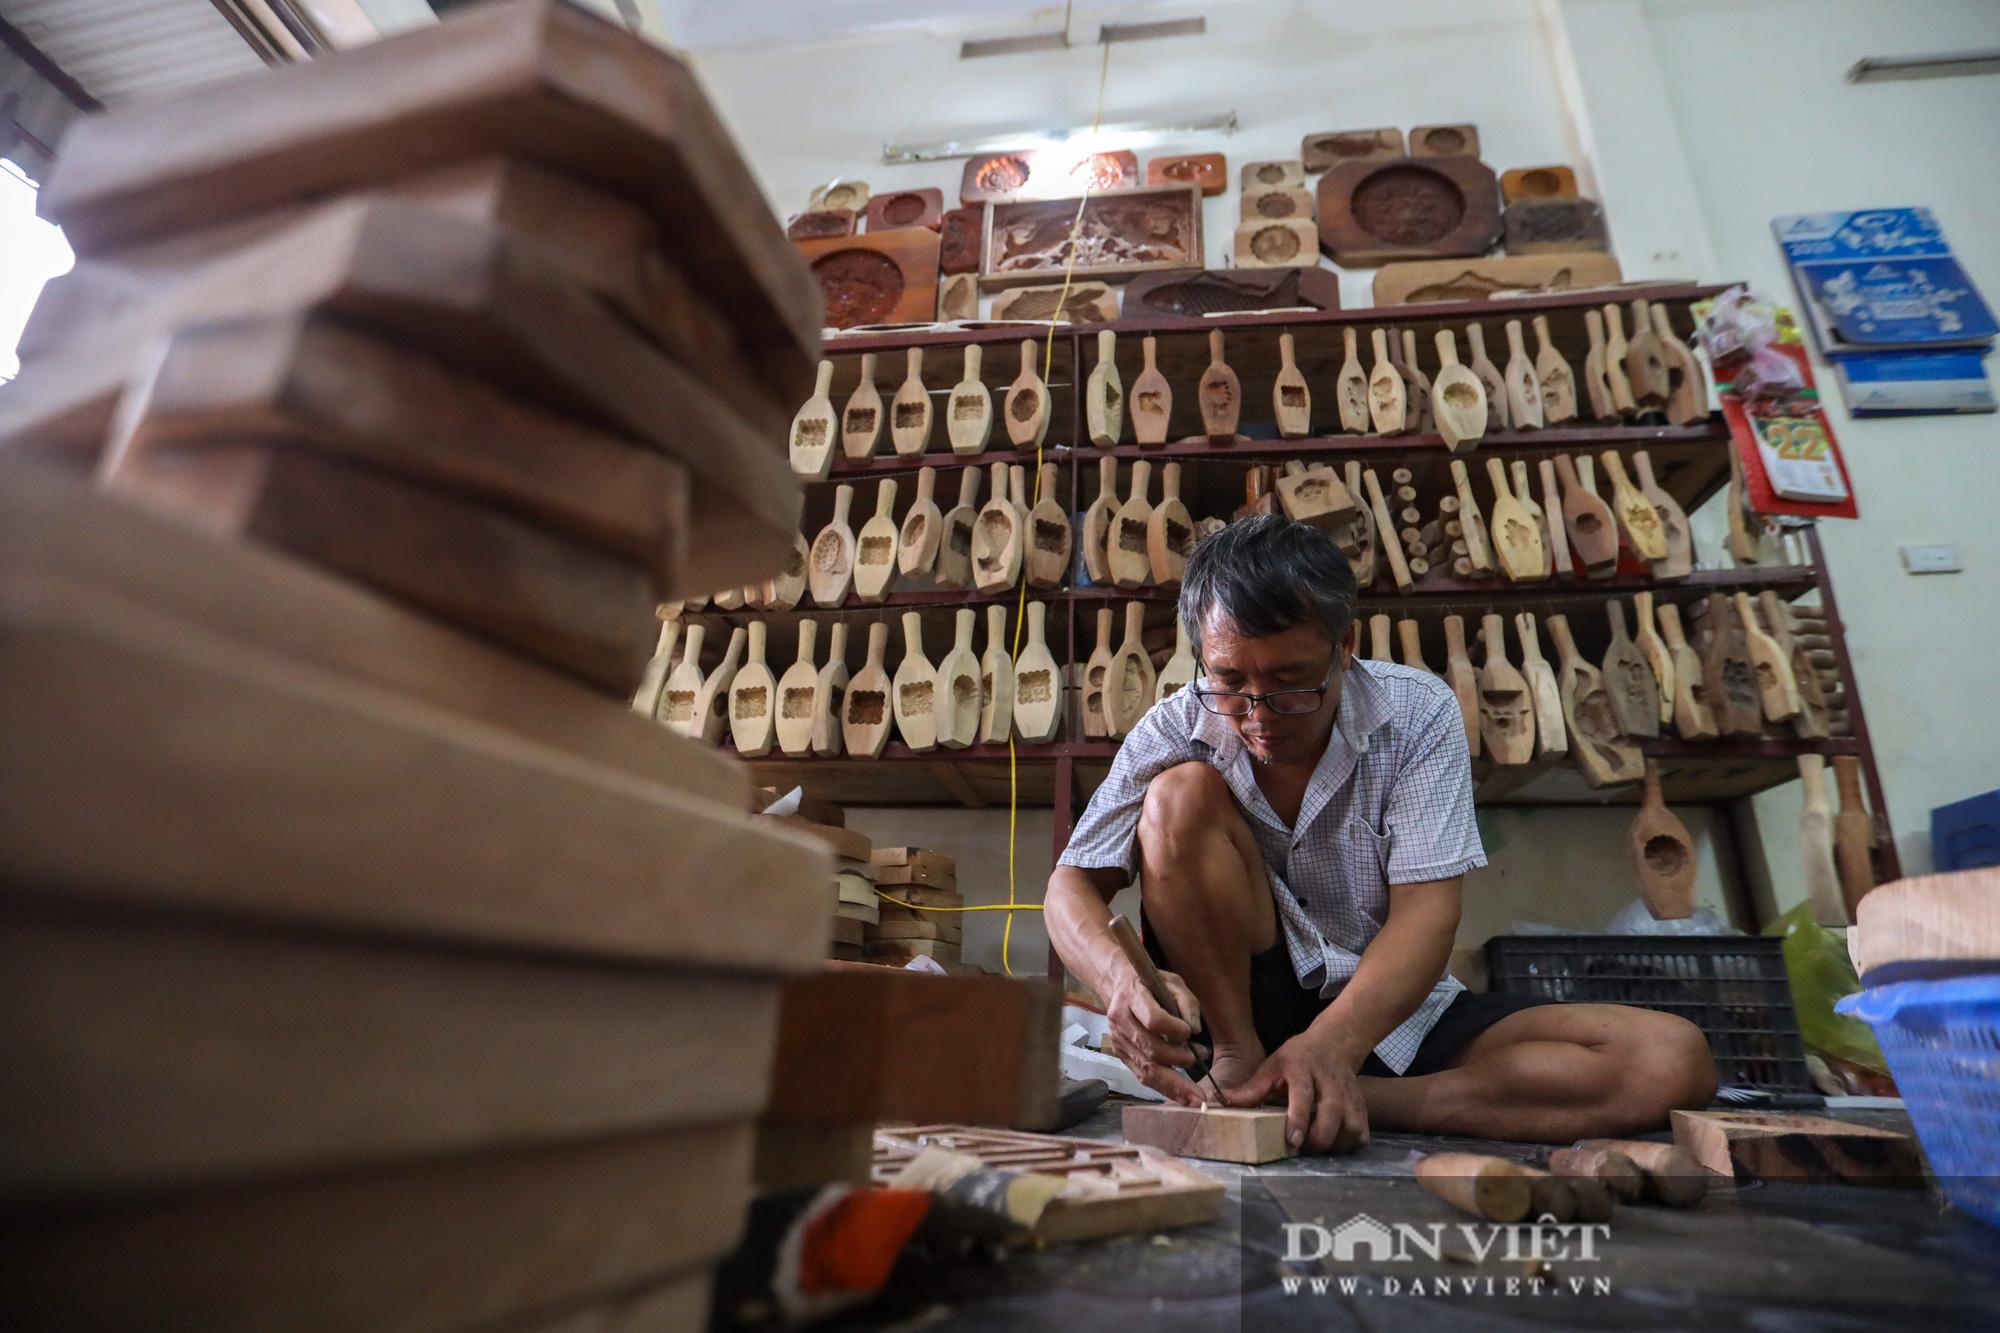 Chiêm ngưỡng kỹ năng điêu luyện của người đàn ông 40 năm làm khuôn bánh trung thu - Ảnh 3.